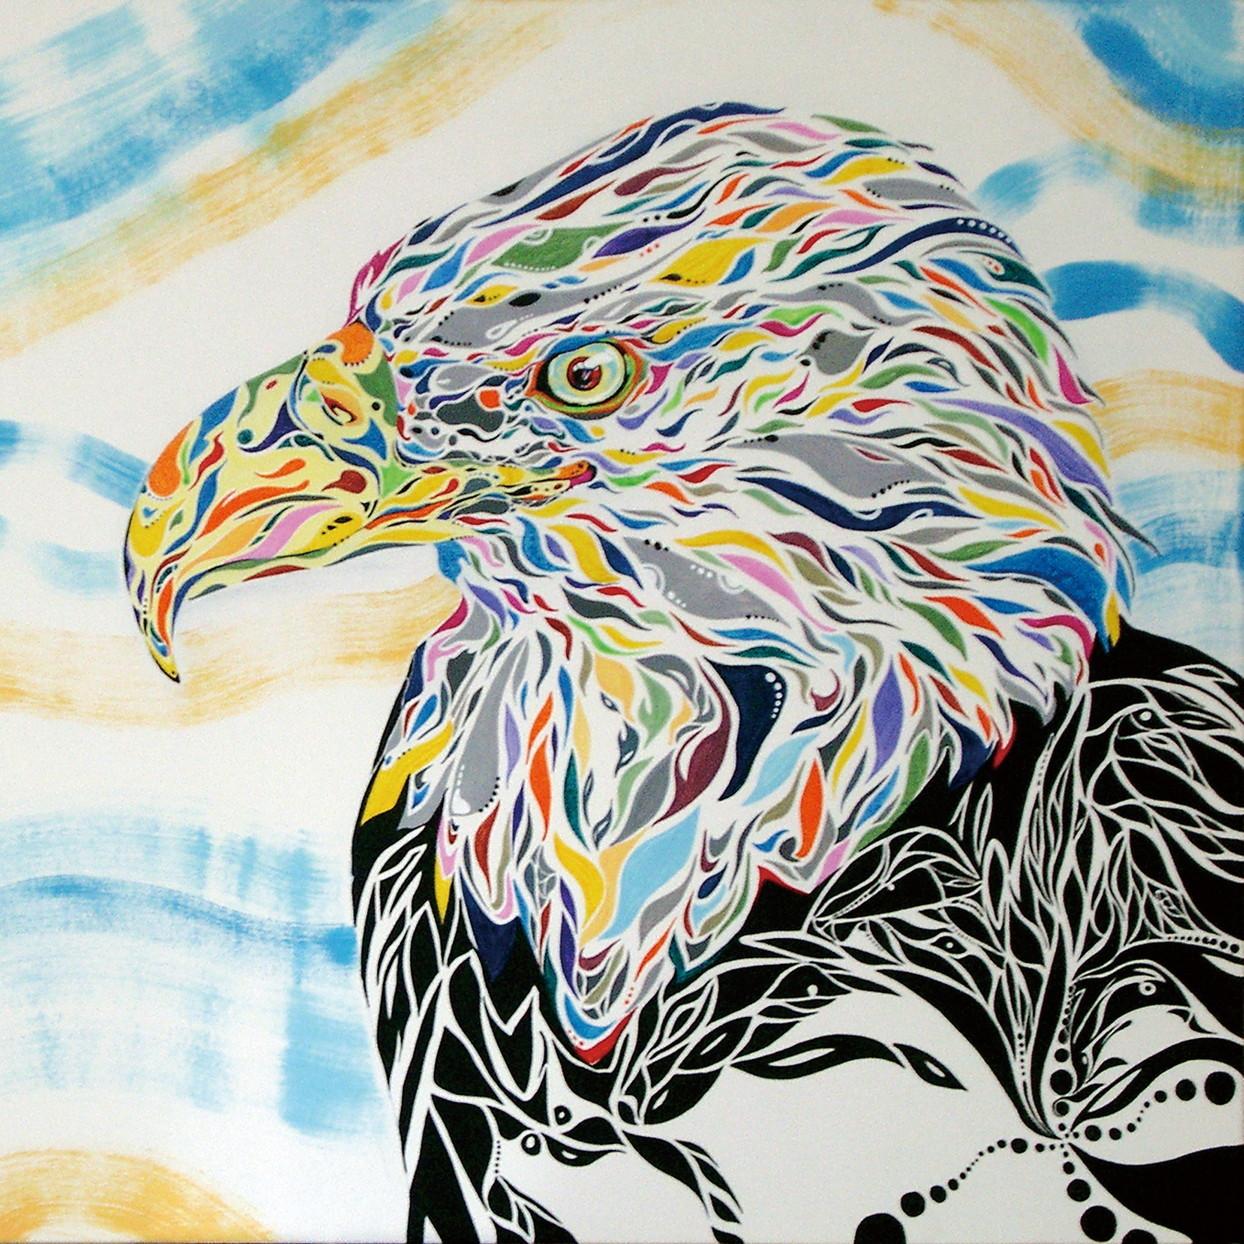 絵画 インテリア アートパネル 雑貨 壁掛け 置物 おしゃれ 鷲 鳥 動物 現代アート ロココロ 画家 : nob 作品 : windeagle